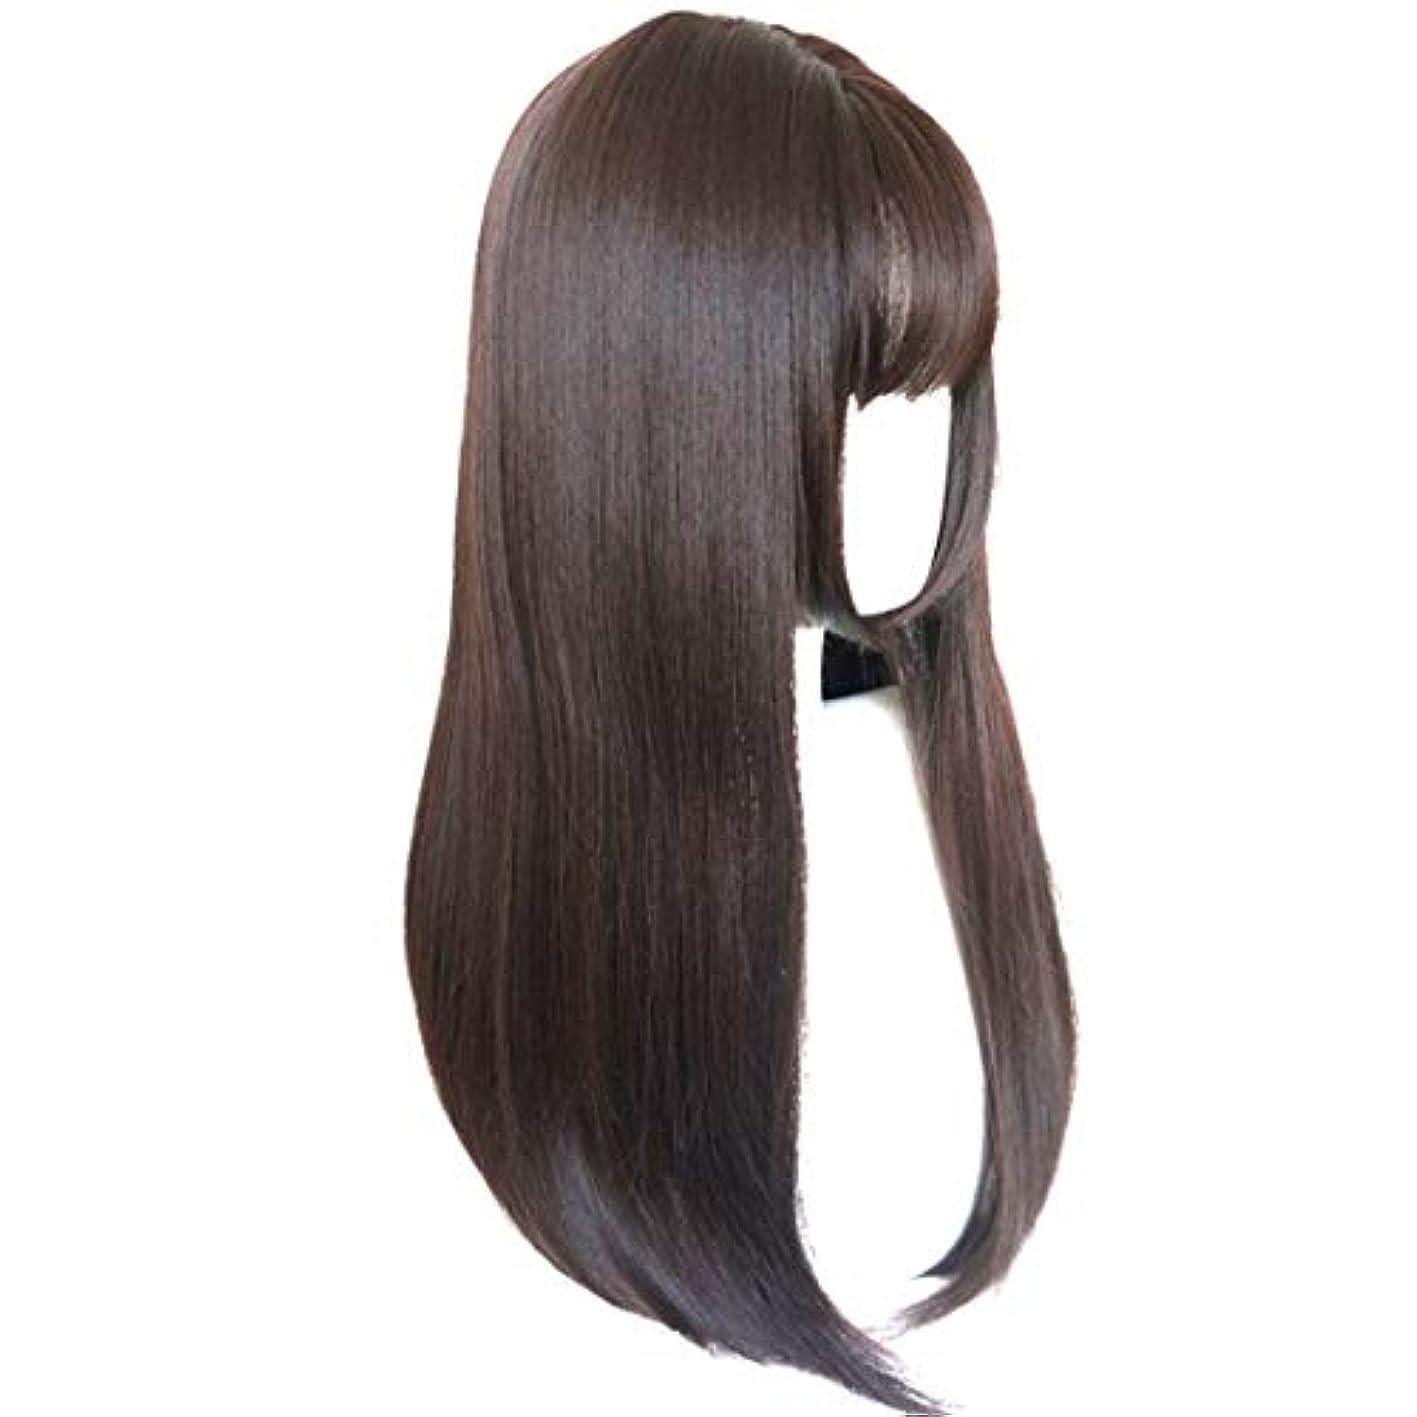 旋回貸すいっぱいSummerys かつら完全なかつら女性のための耐熱性耐熱性でかつらストレートロング人工毛